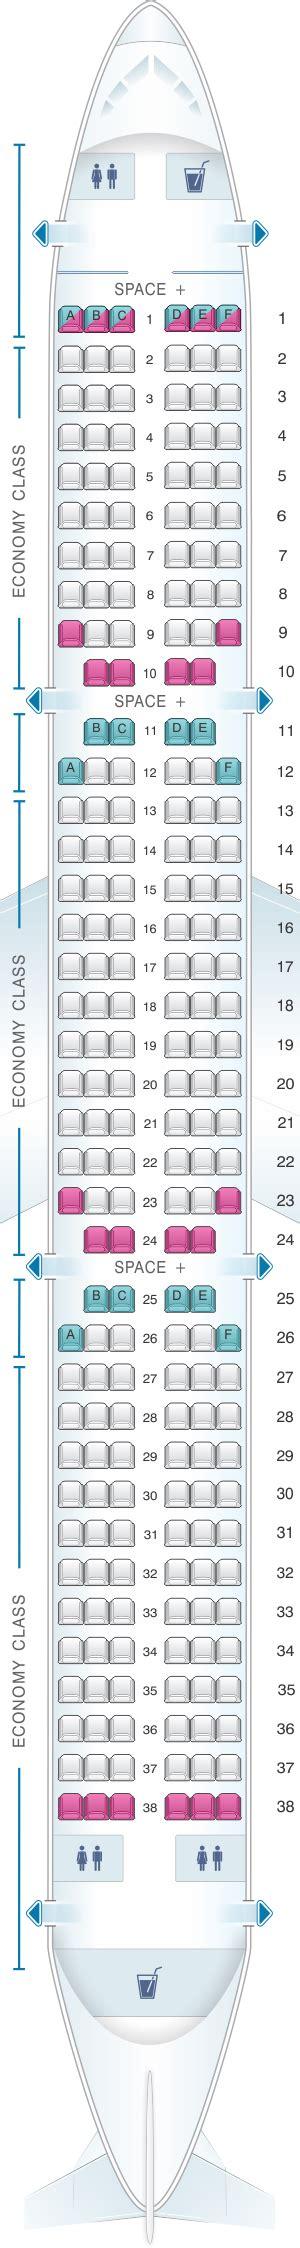 siege pour cabine de plan de cabine latam airlines brasil airbus a321